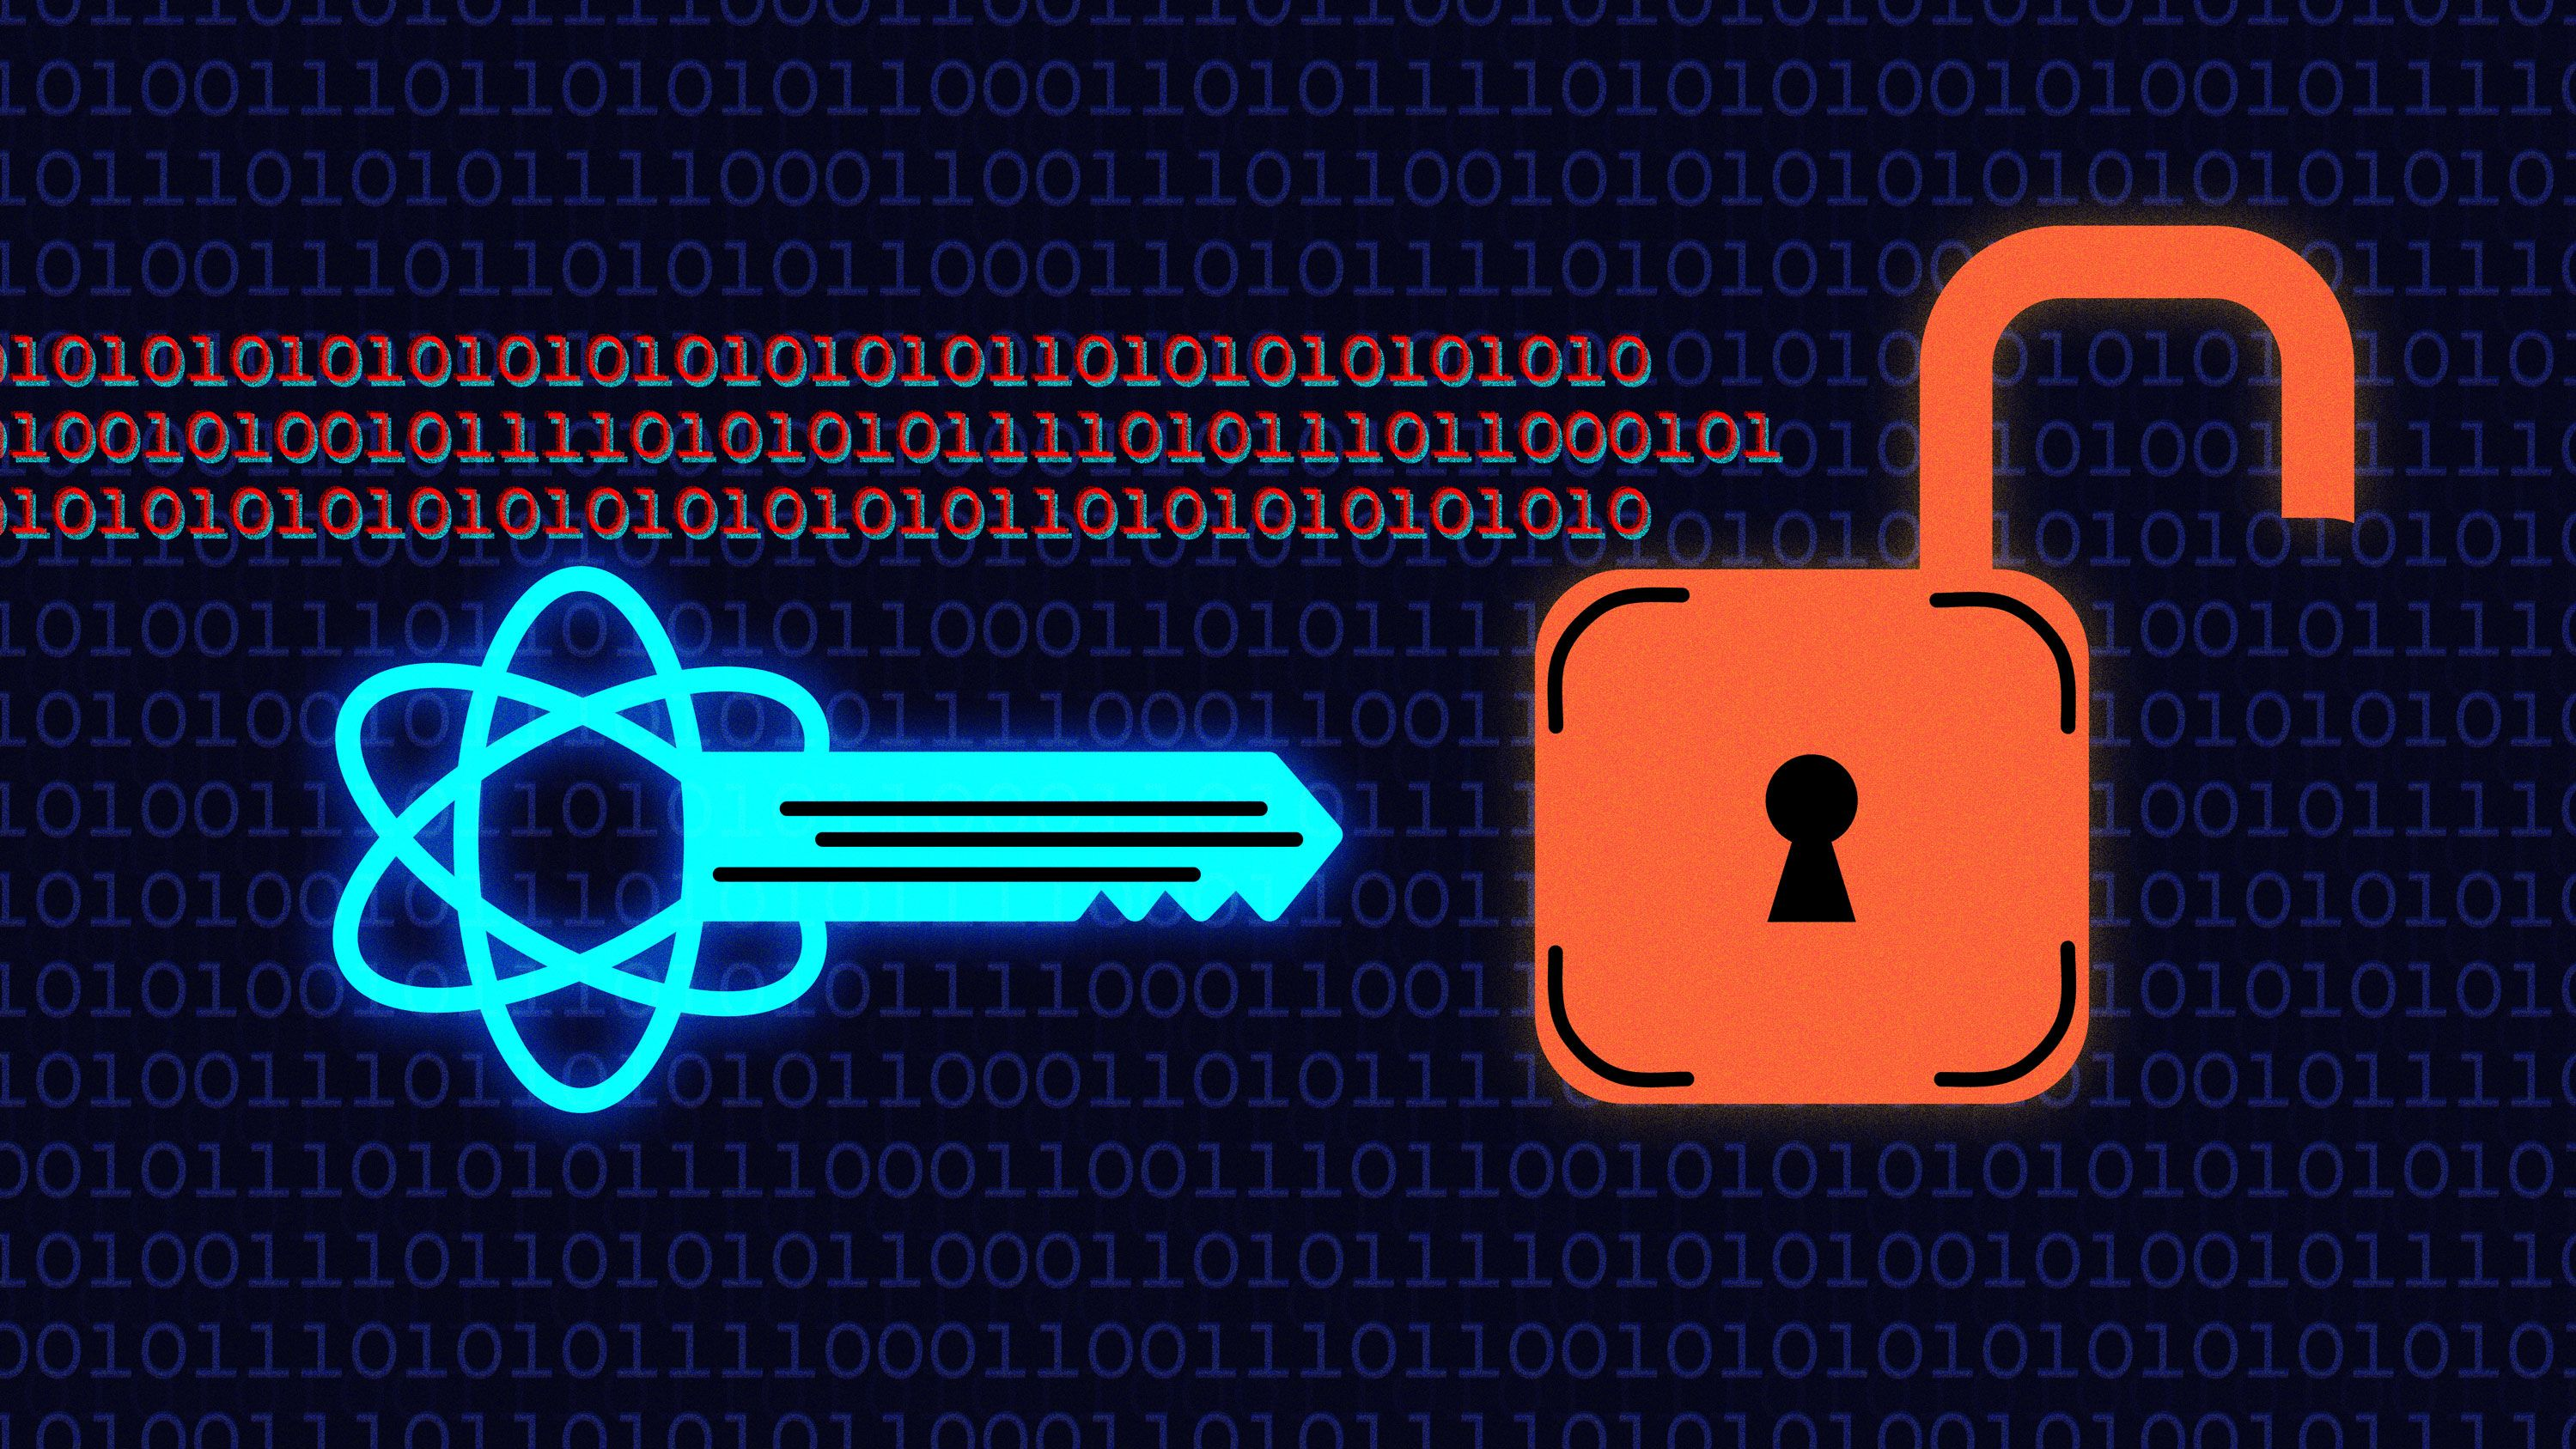 ポスト量子暗号とは何か? 量子コンピューター時代の 新たな脅威に備え